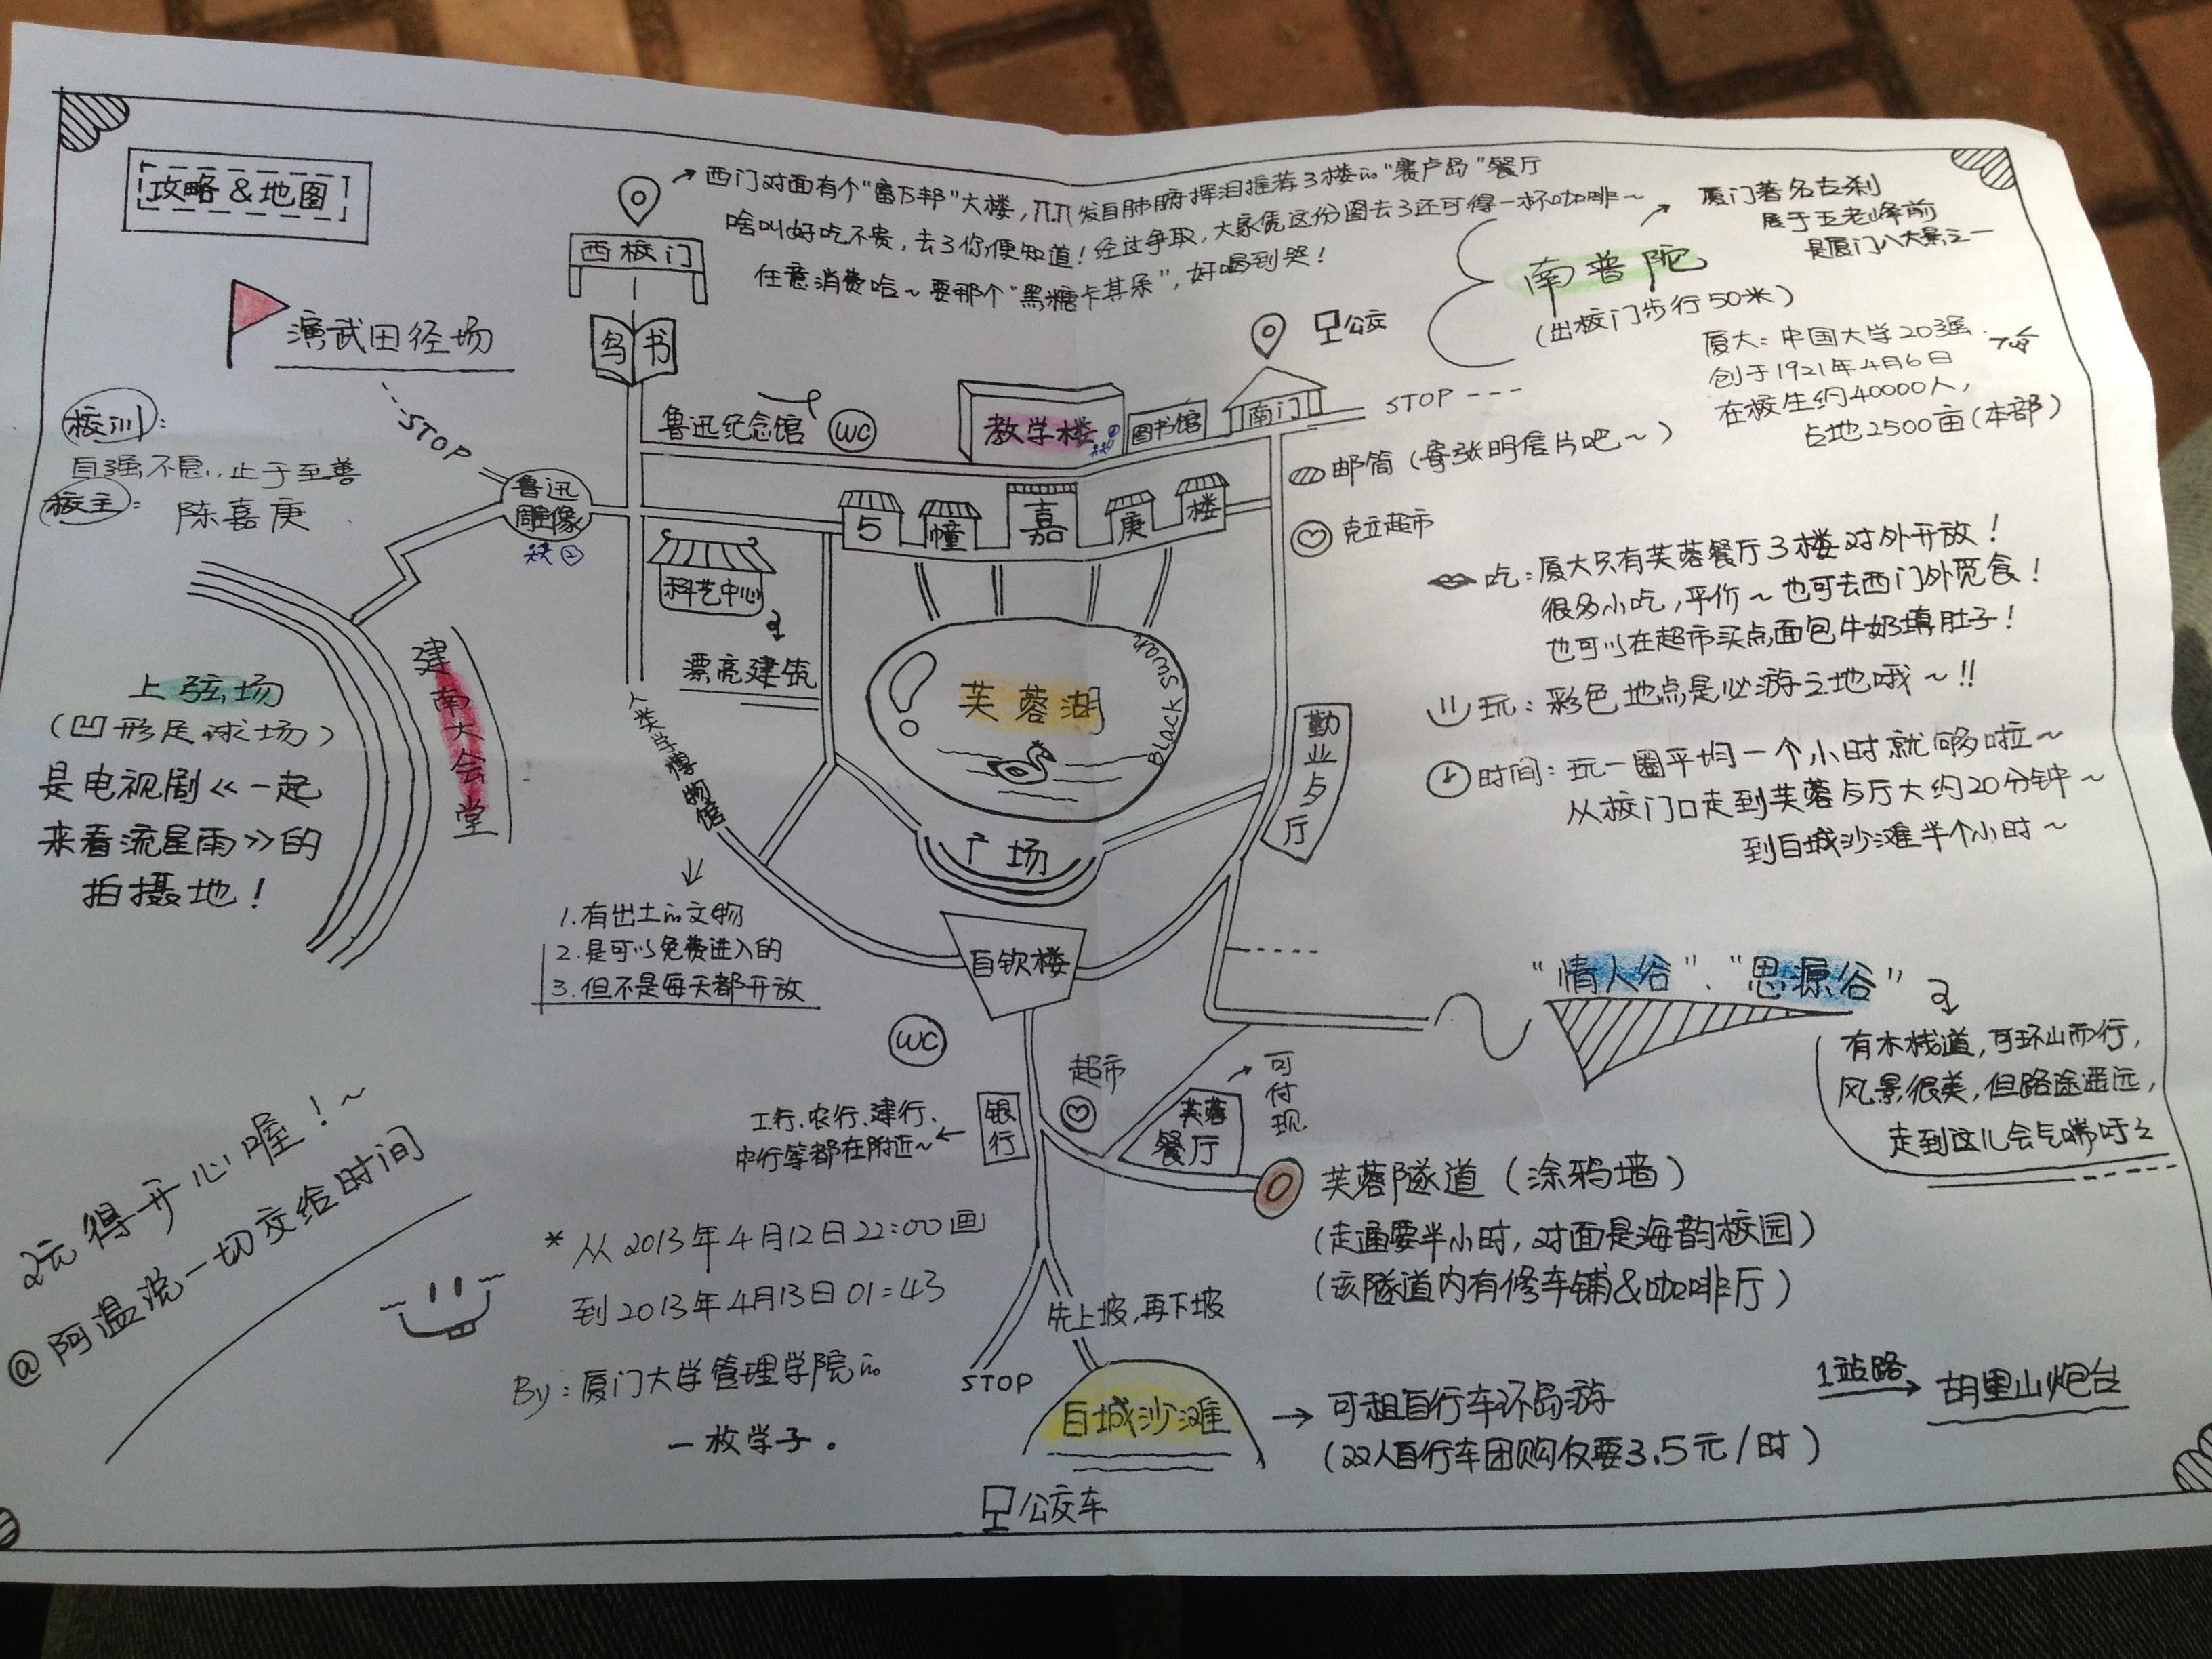 厦大学生手绘地图(复印版)